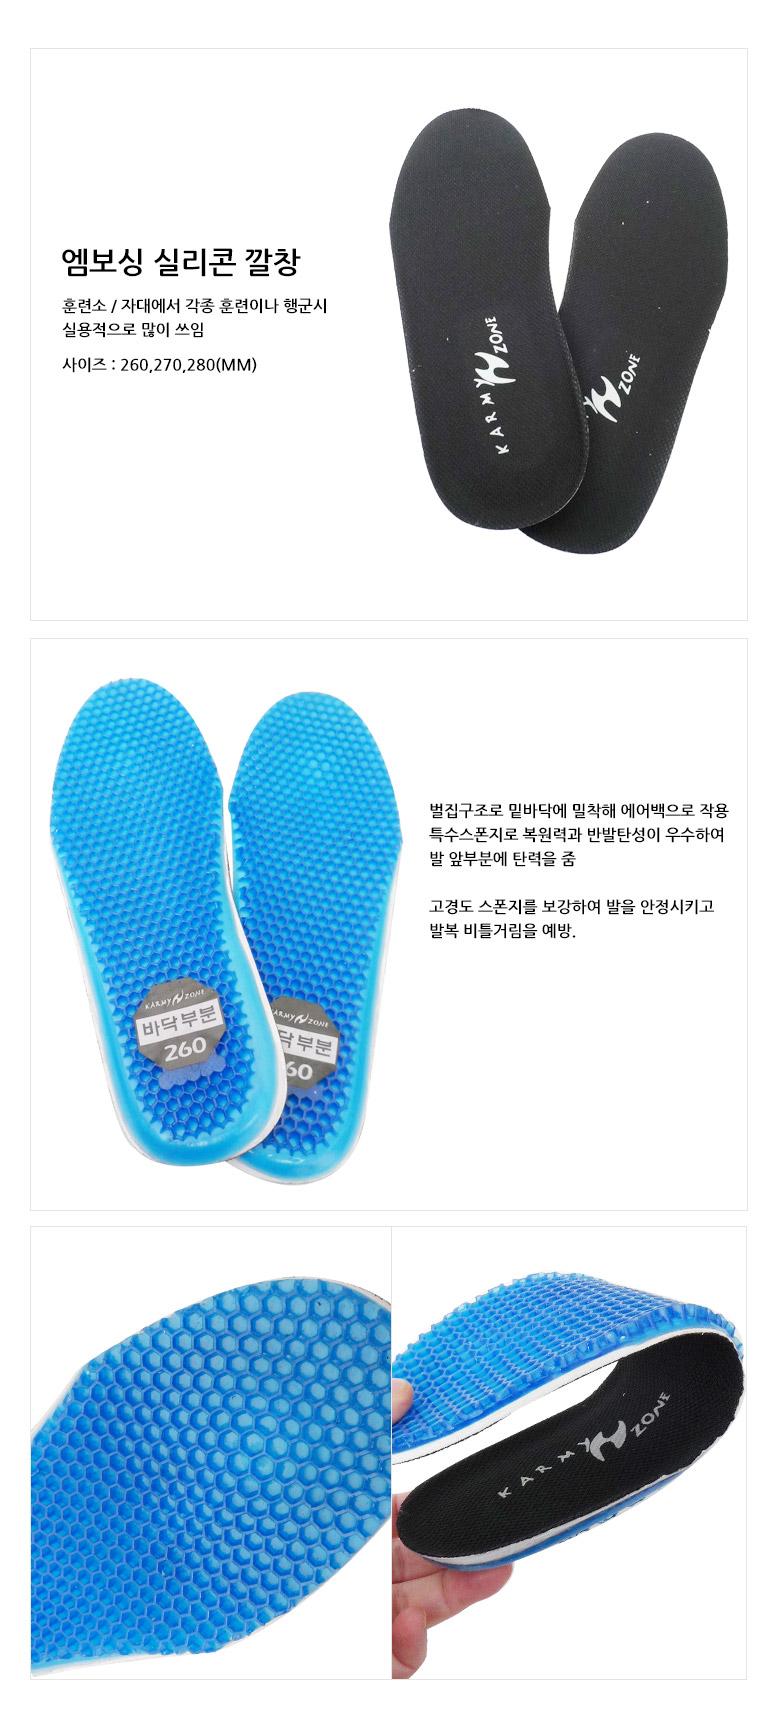 밀리터리 군용 엠보싱깔창 - 쿠닌, 14,600원, 신발소품, 패드/깔창